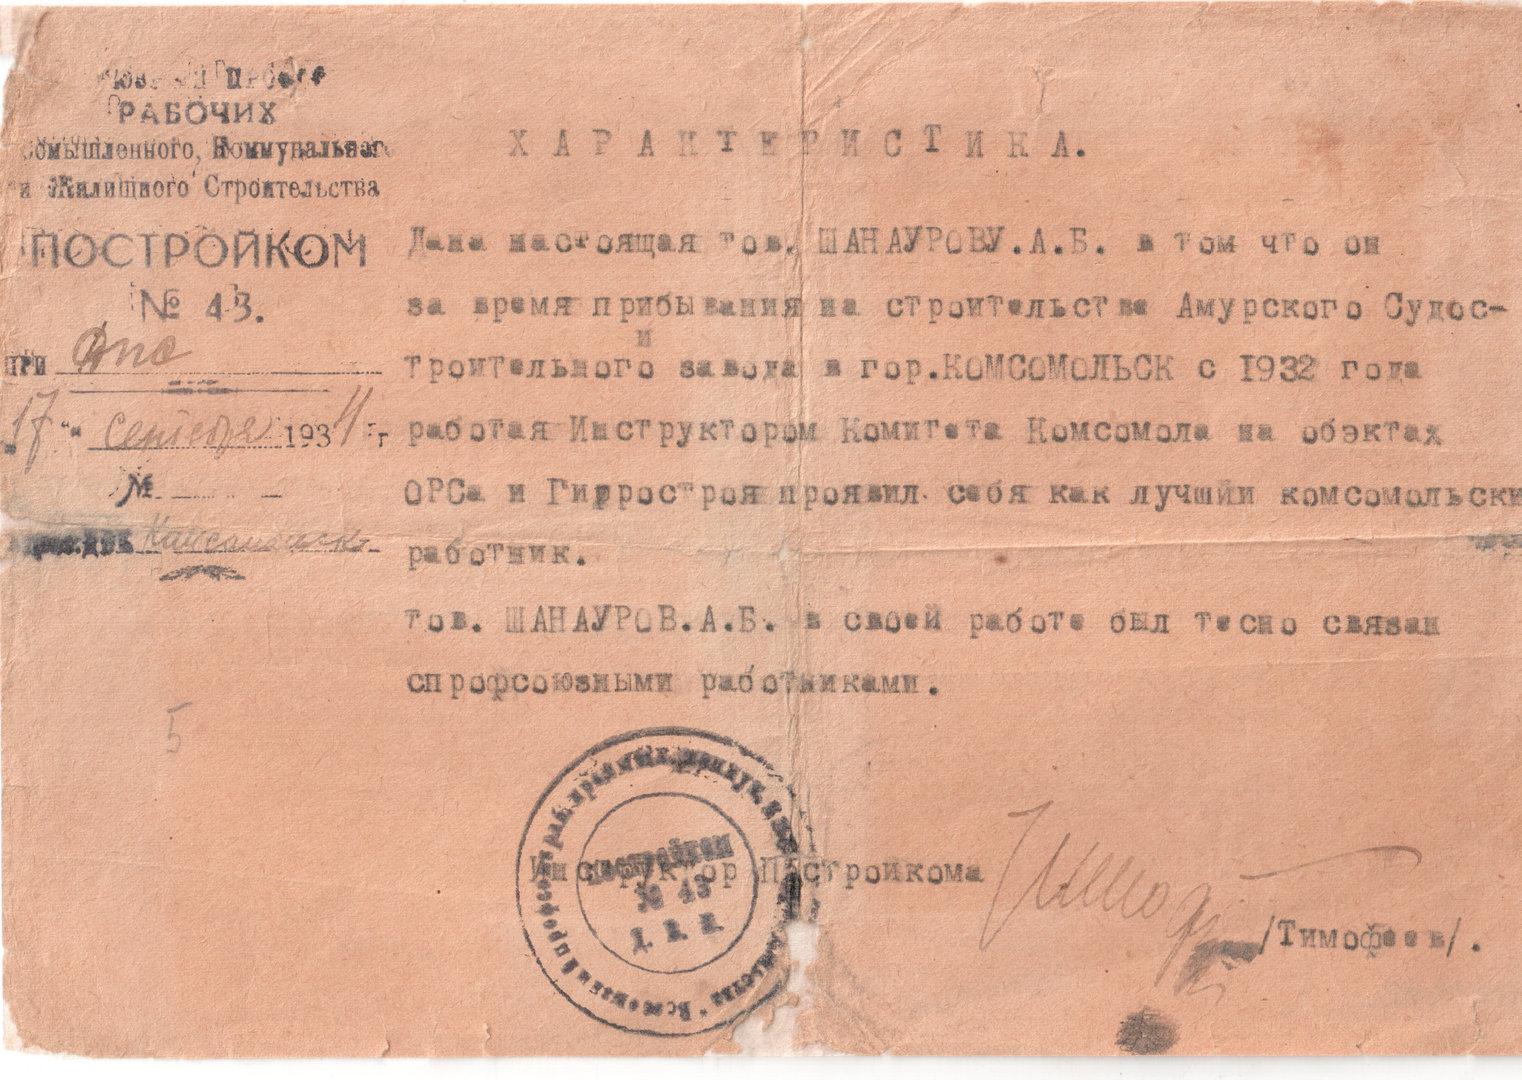 Характеристика товарища Шанаурова А.Б.